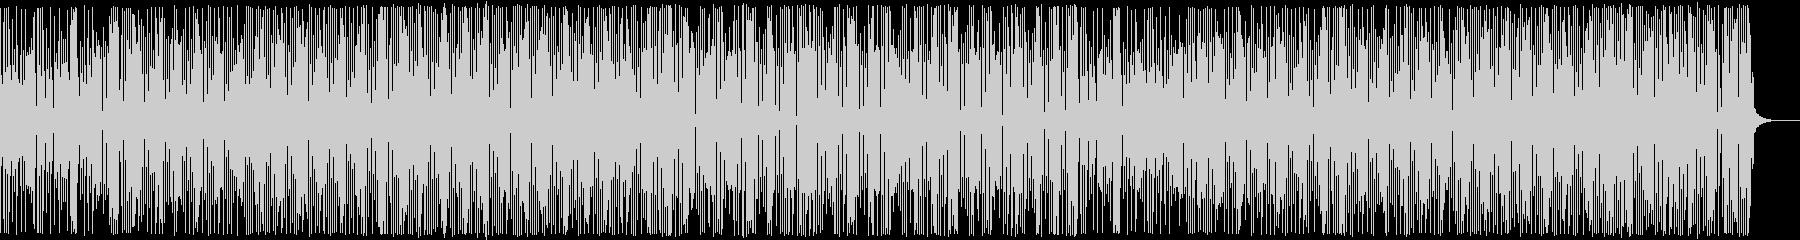 三味線・お江戸・和風テクノ・かけ声ありの未再生の波形